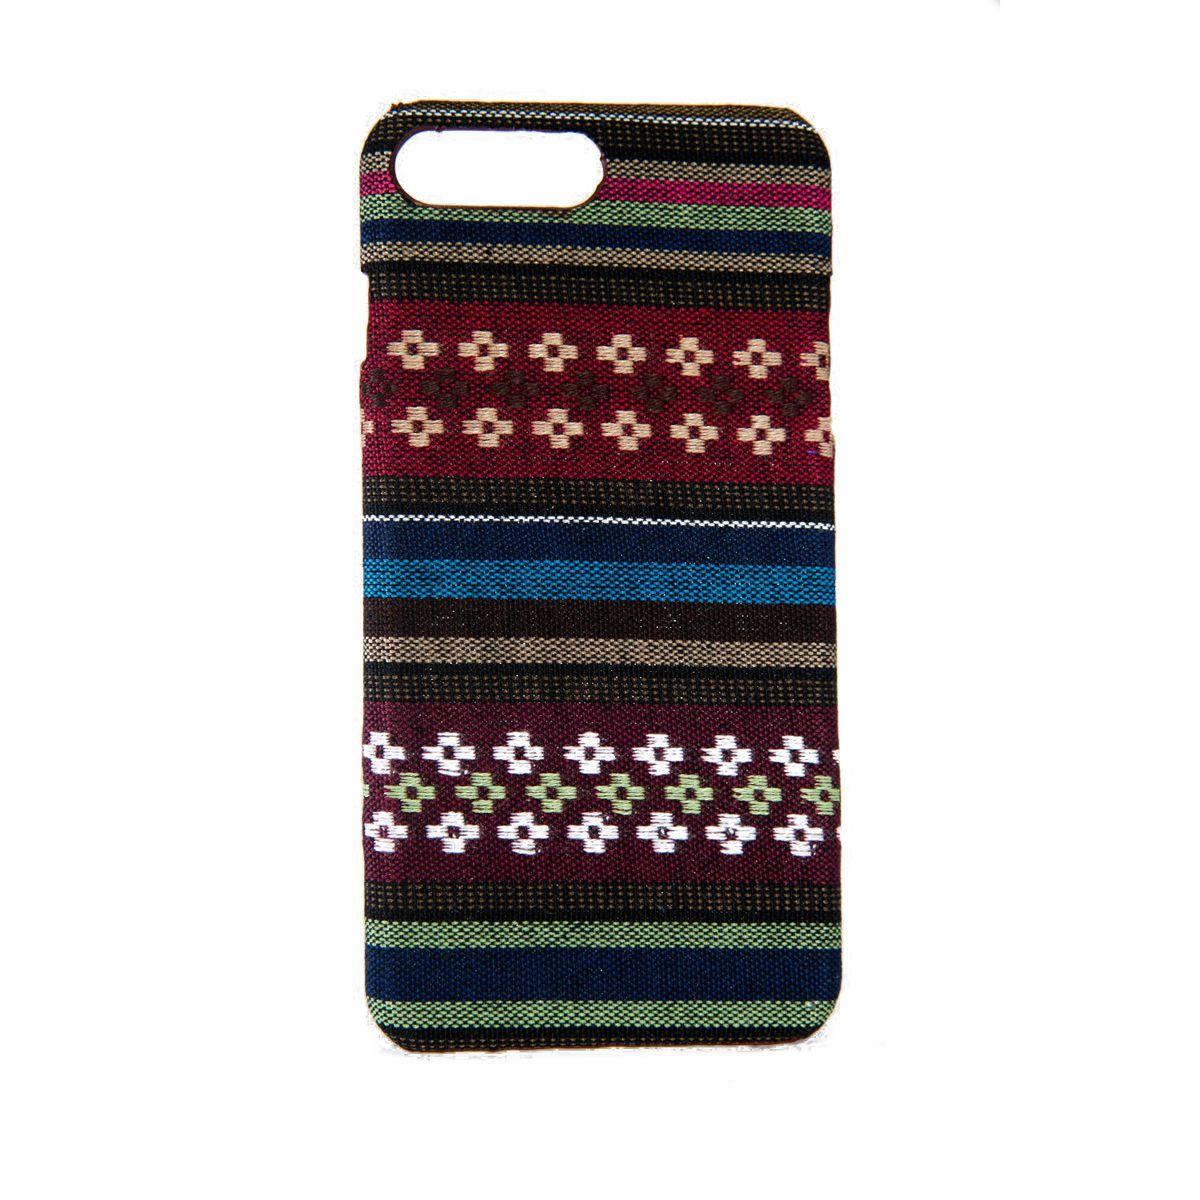 Handyhülle aus Stoff-Case für Apple iPhone 8 Plus Cover Etui Bumper Schale Braun